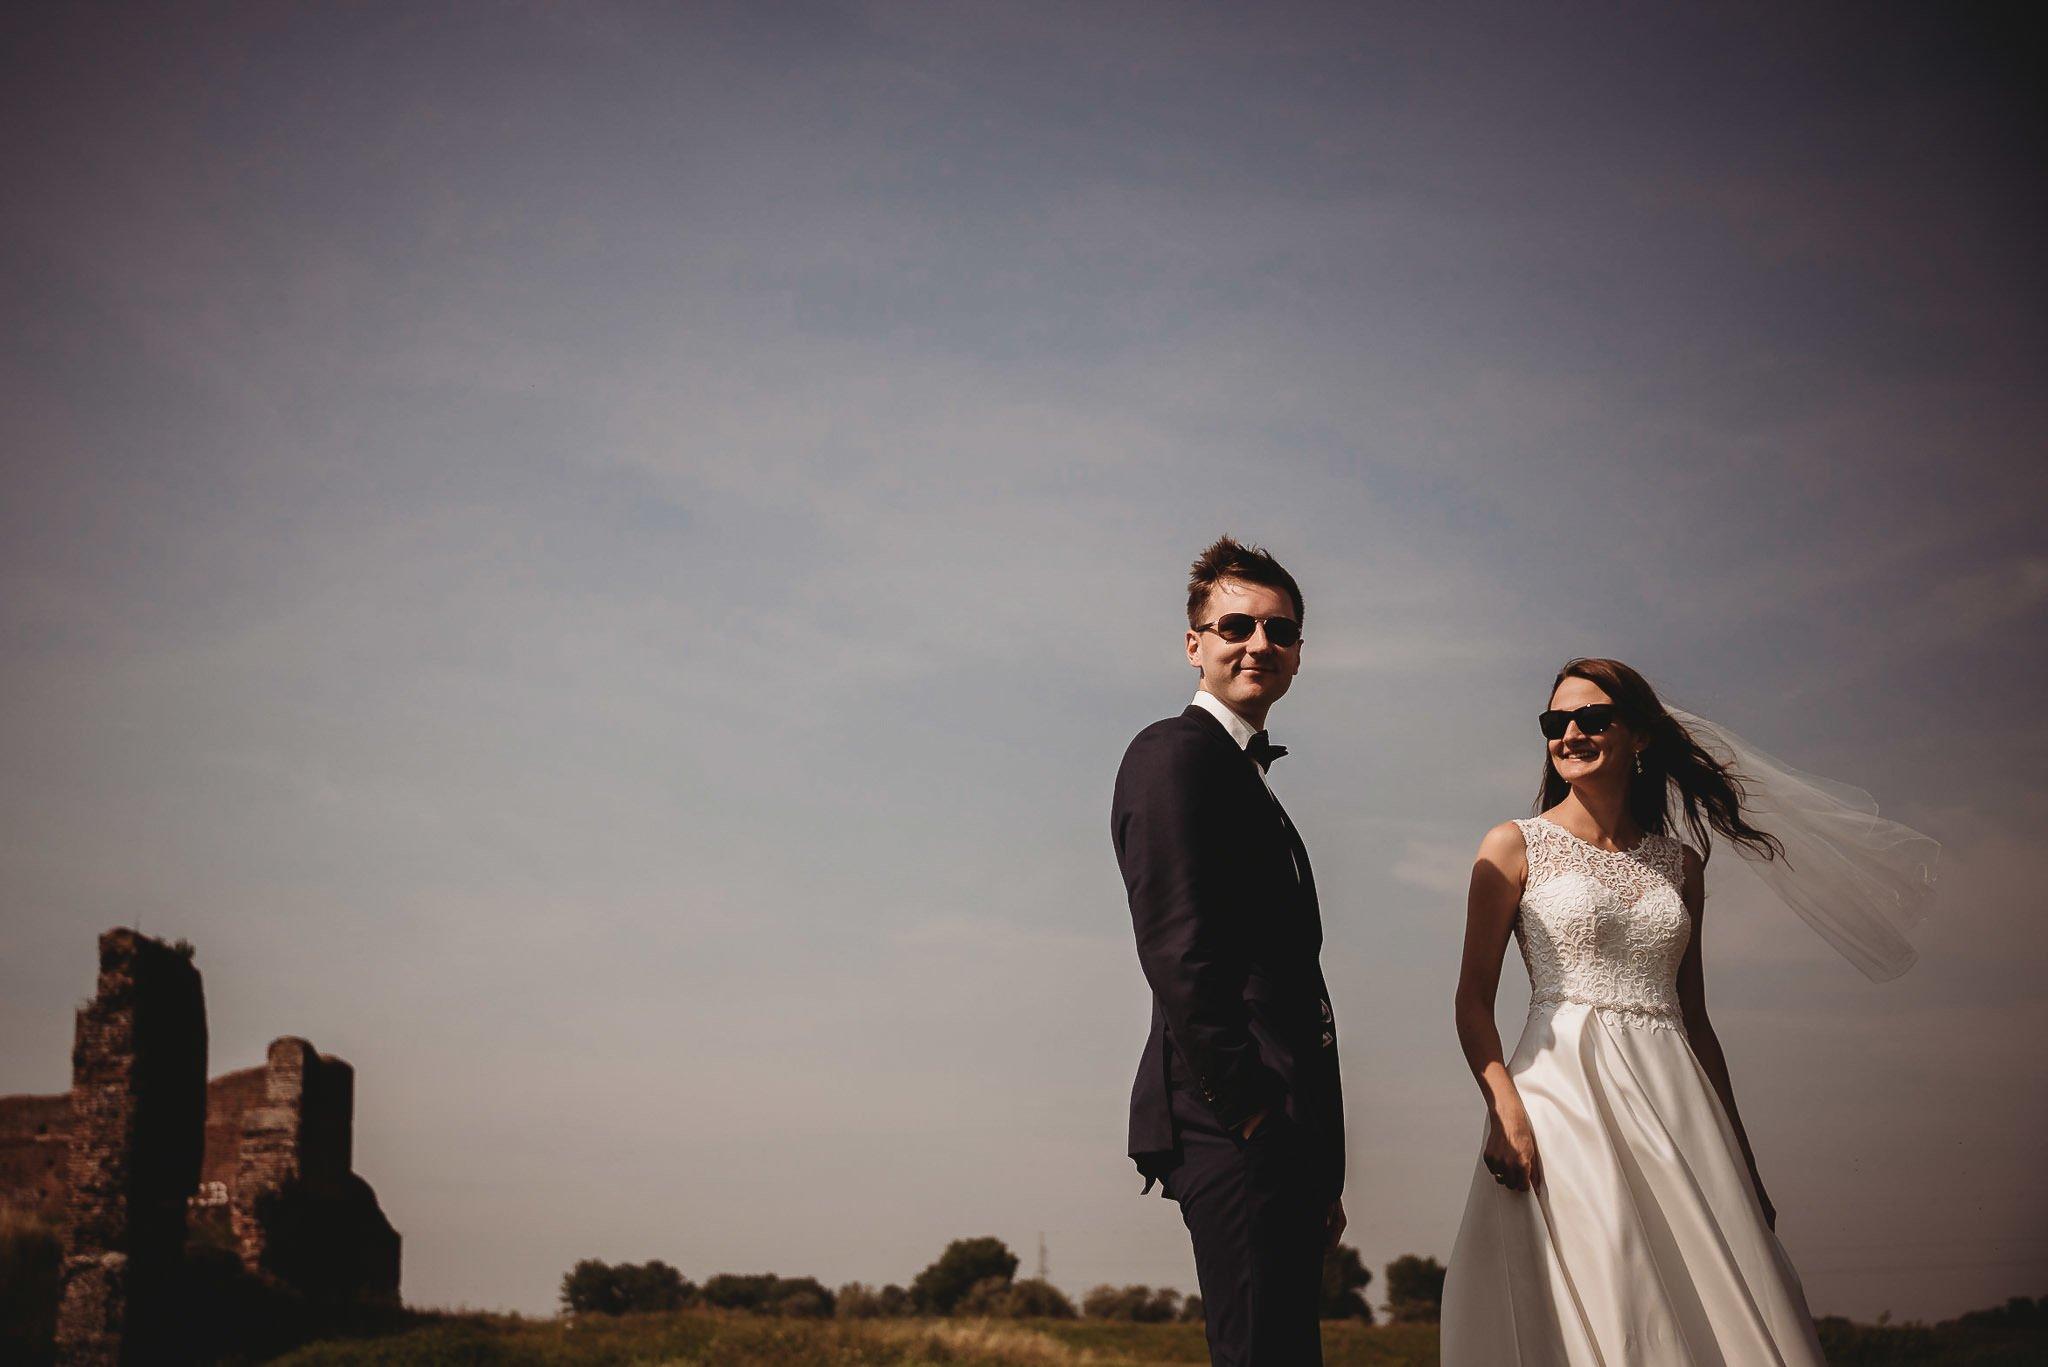 Monika i Michał, wesele w Paryżu i sesja plenerowa w stadninie koni w Czołowie 310